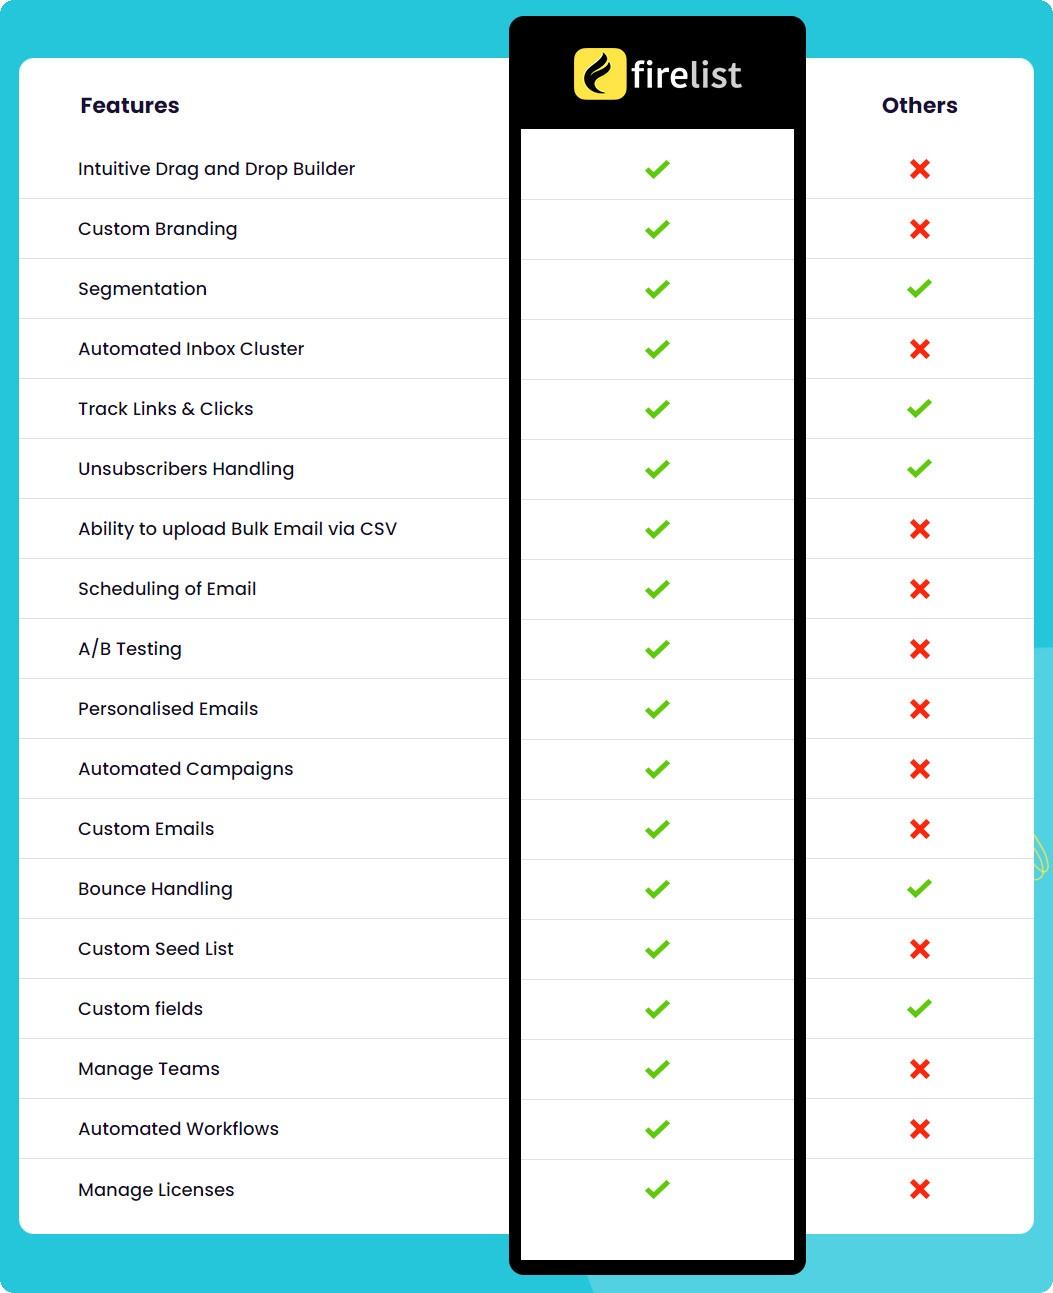 firelist-review-comparison-table